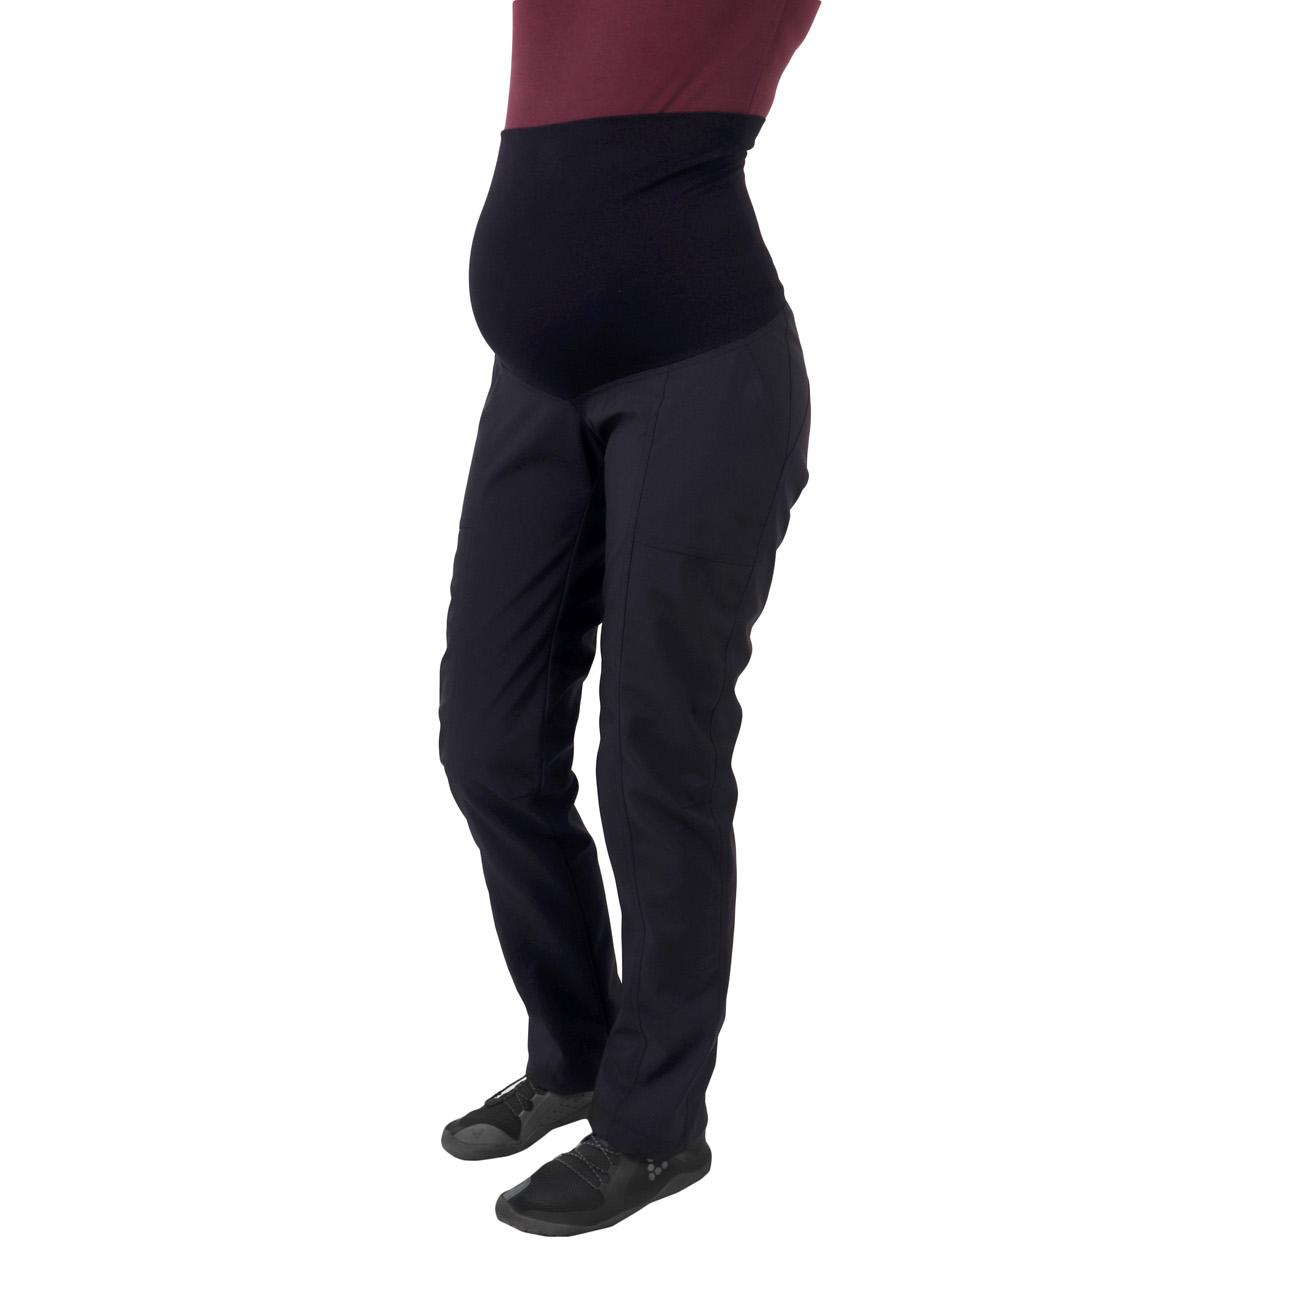 Jarní/letní těhotenské softshellové kalhoty liva, černé, 44 normální délka